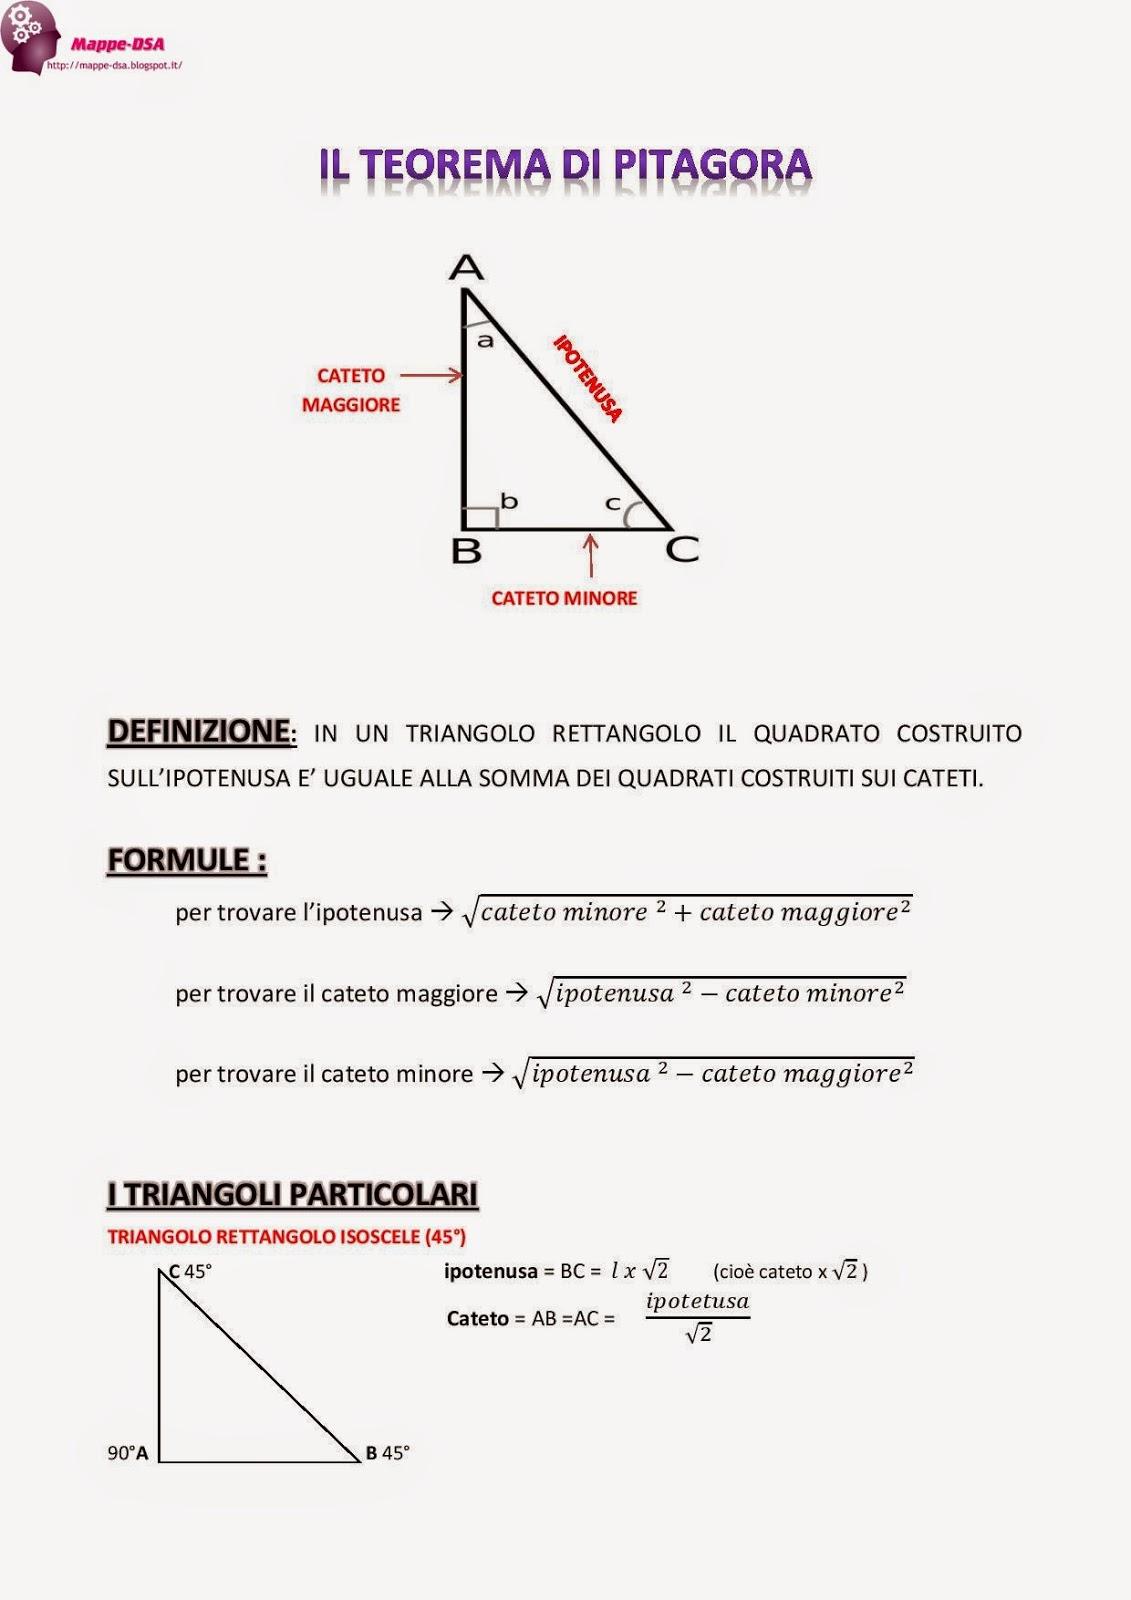 mappa schema dsa geometria teorema pitagora